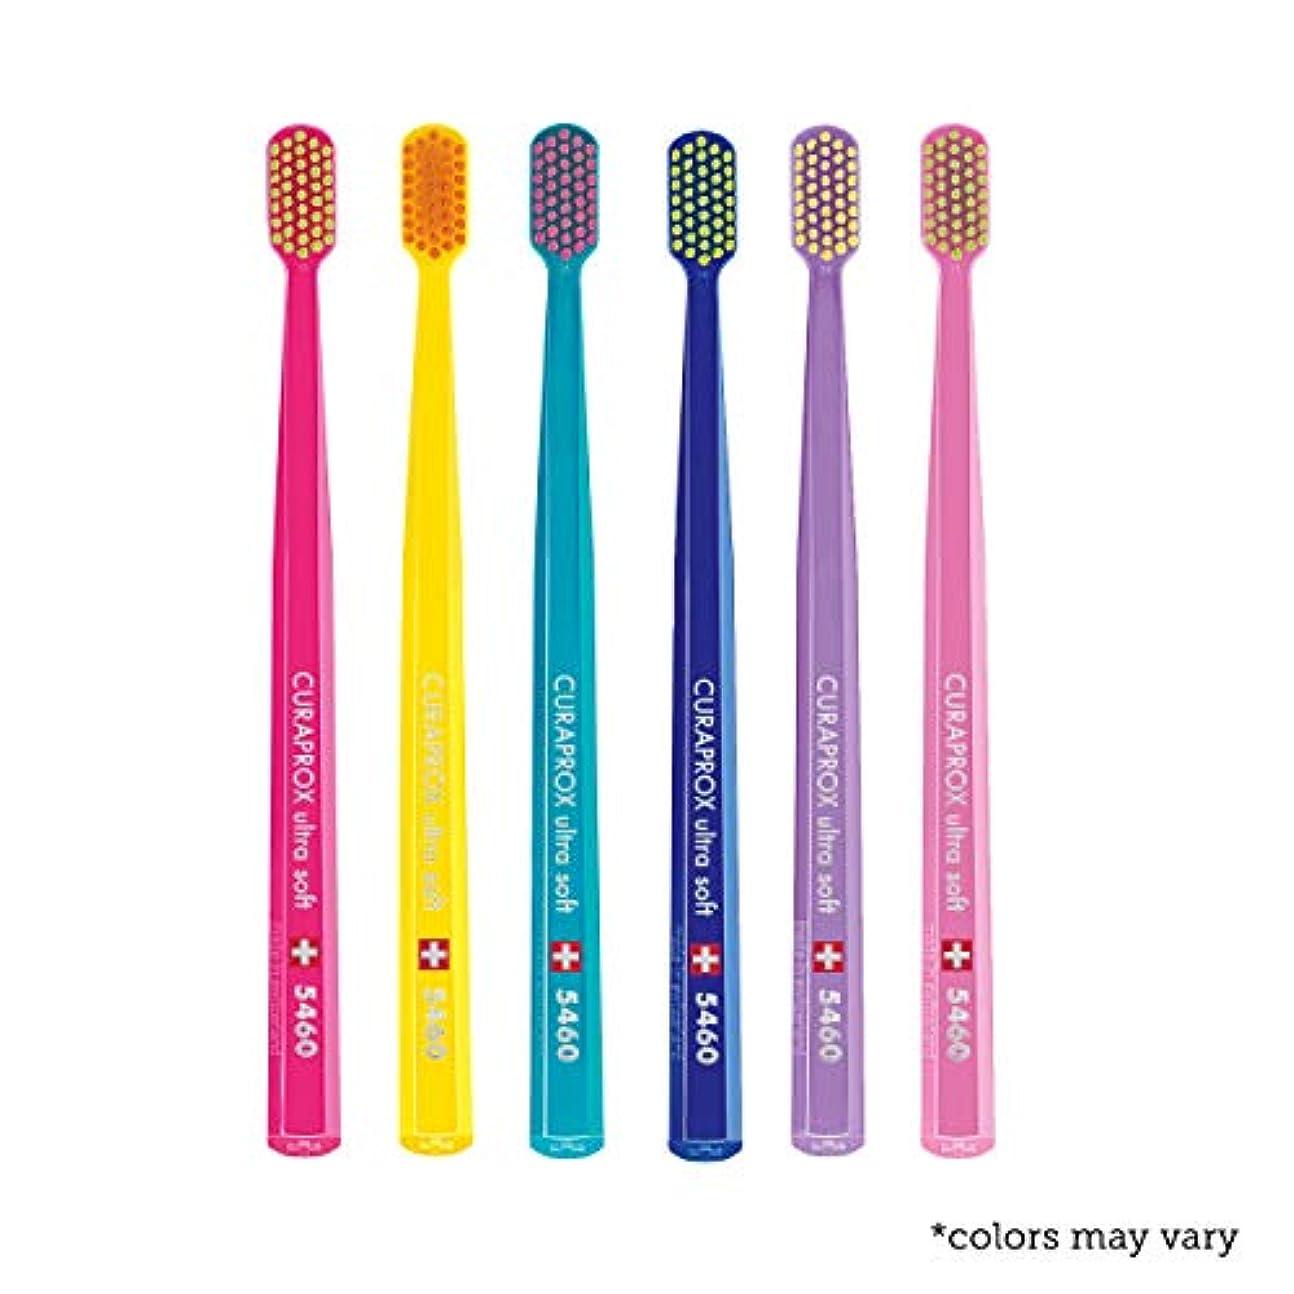 おばあさん申し込むところでUltra soft toothbrush, 6 brushes, Curaprox Ultra Soft 5460. Softer feeling & better cleaning, in amazing vivid...